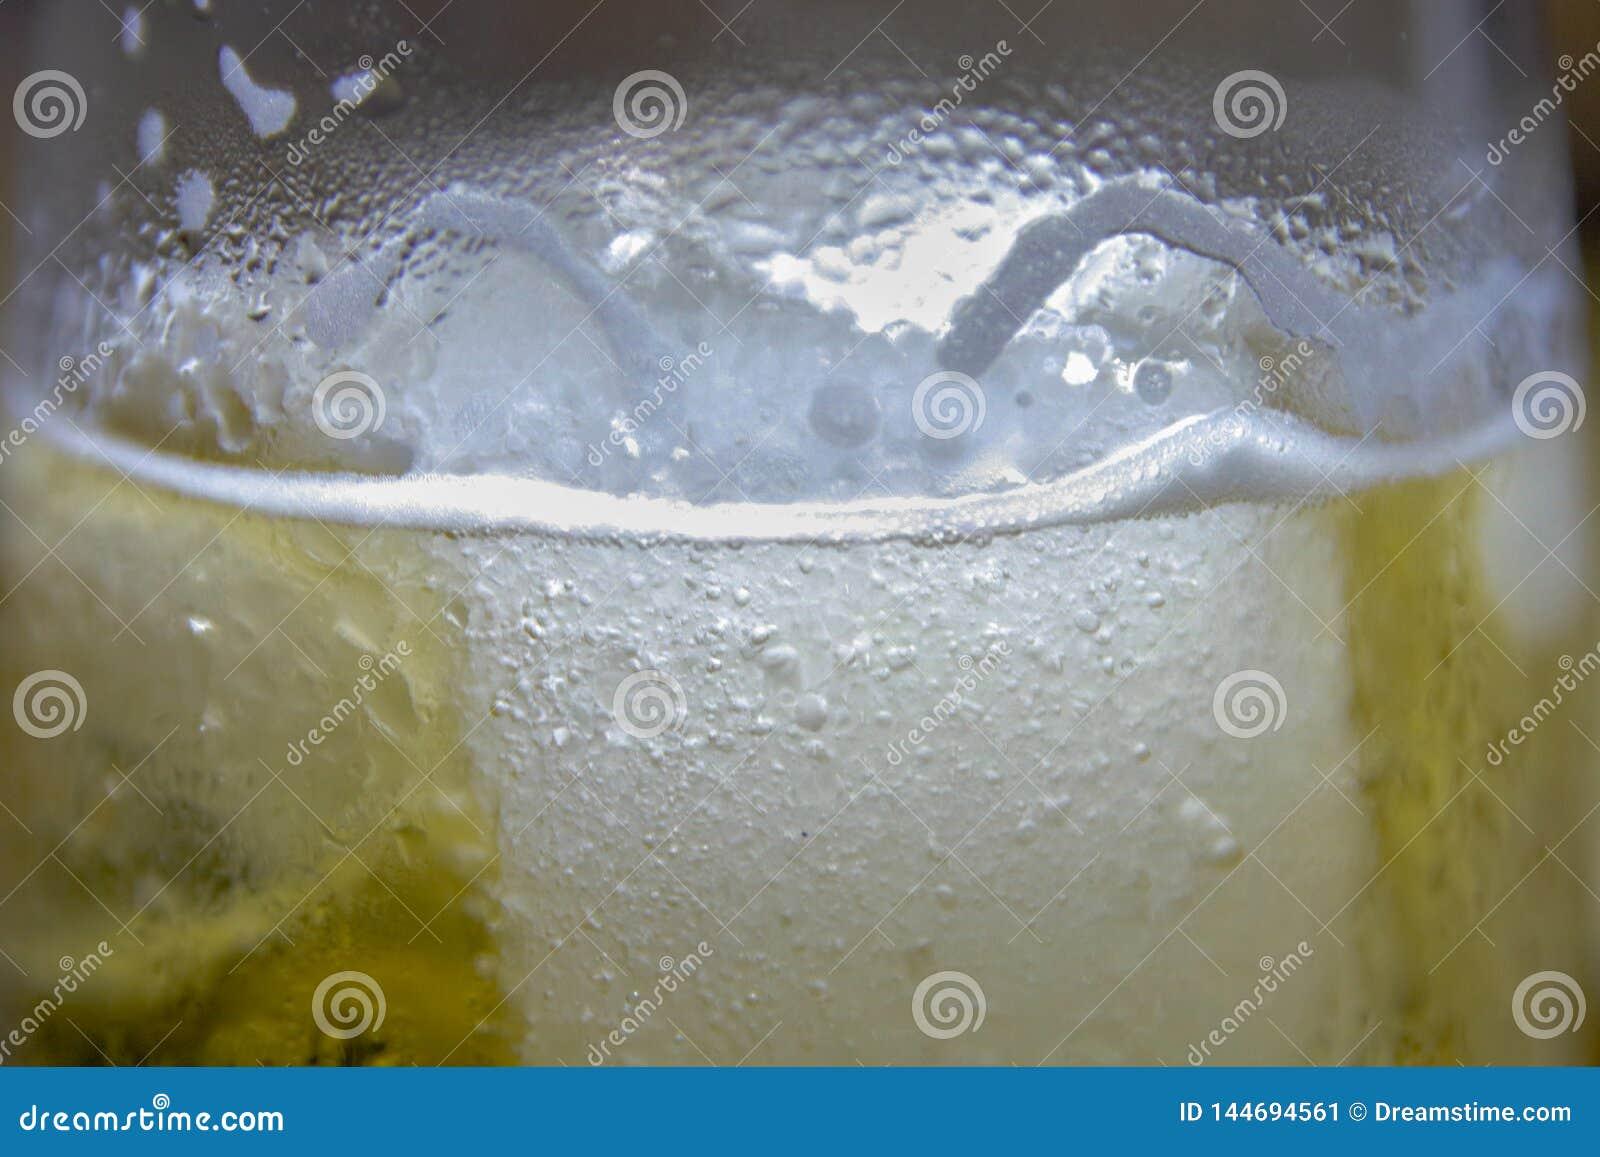 杯冰镇啤酒用浓缩的水